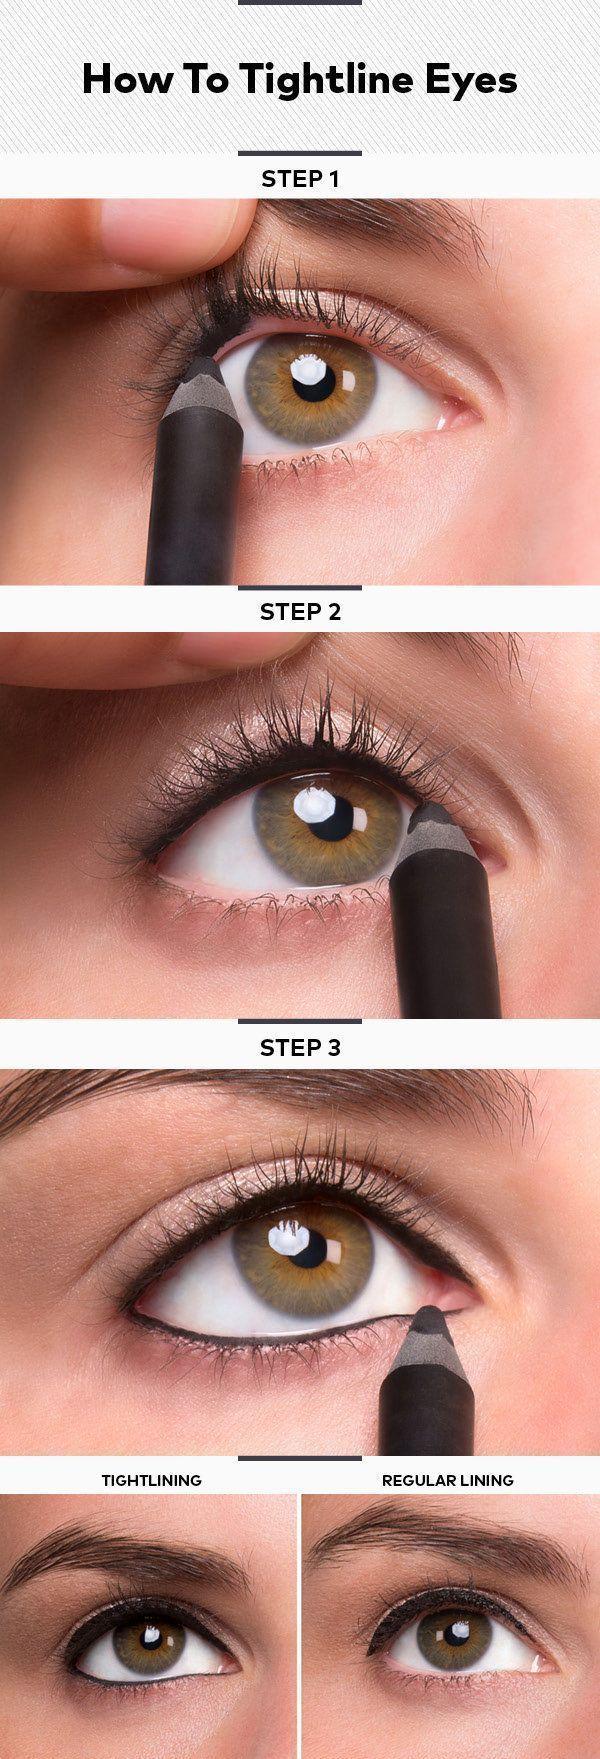 17 mejores ideas sobre maquillaje para principiantes en pinterest tutorial de maquillaje y - Ojos ahumados para principiantes ...